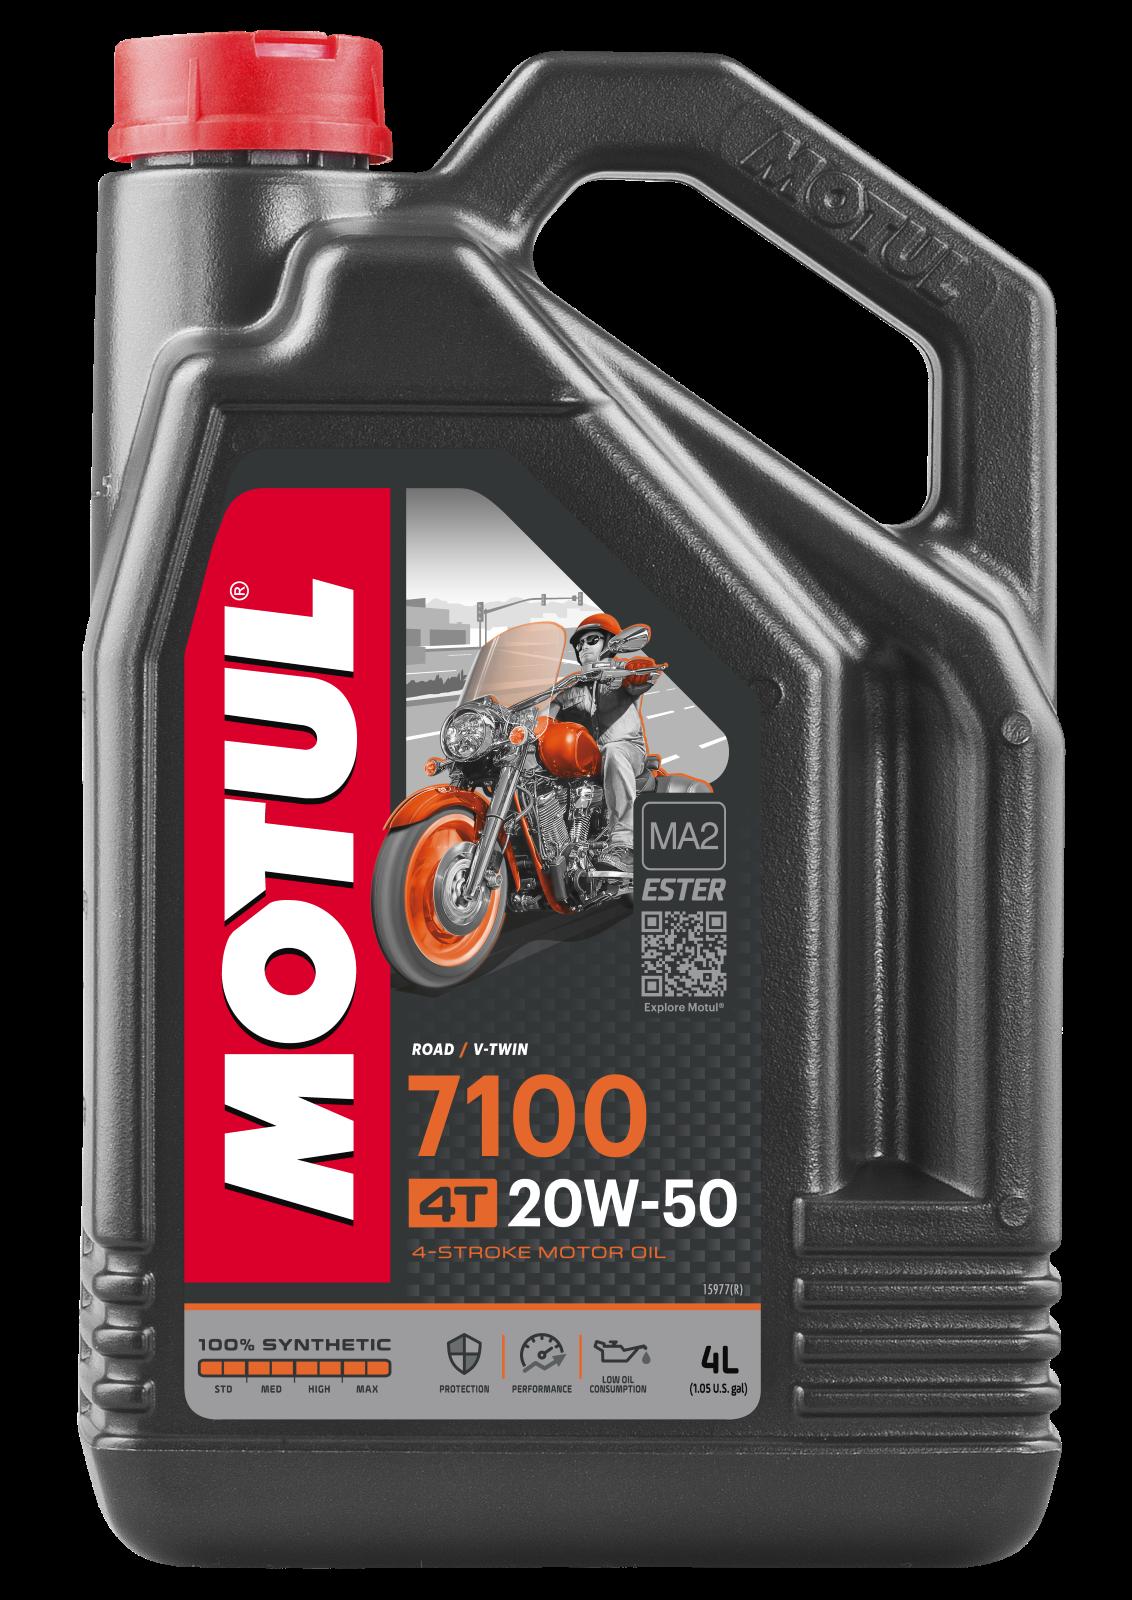 MOTUL AG MOTUL 7100 4T 20W-50 4L